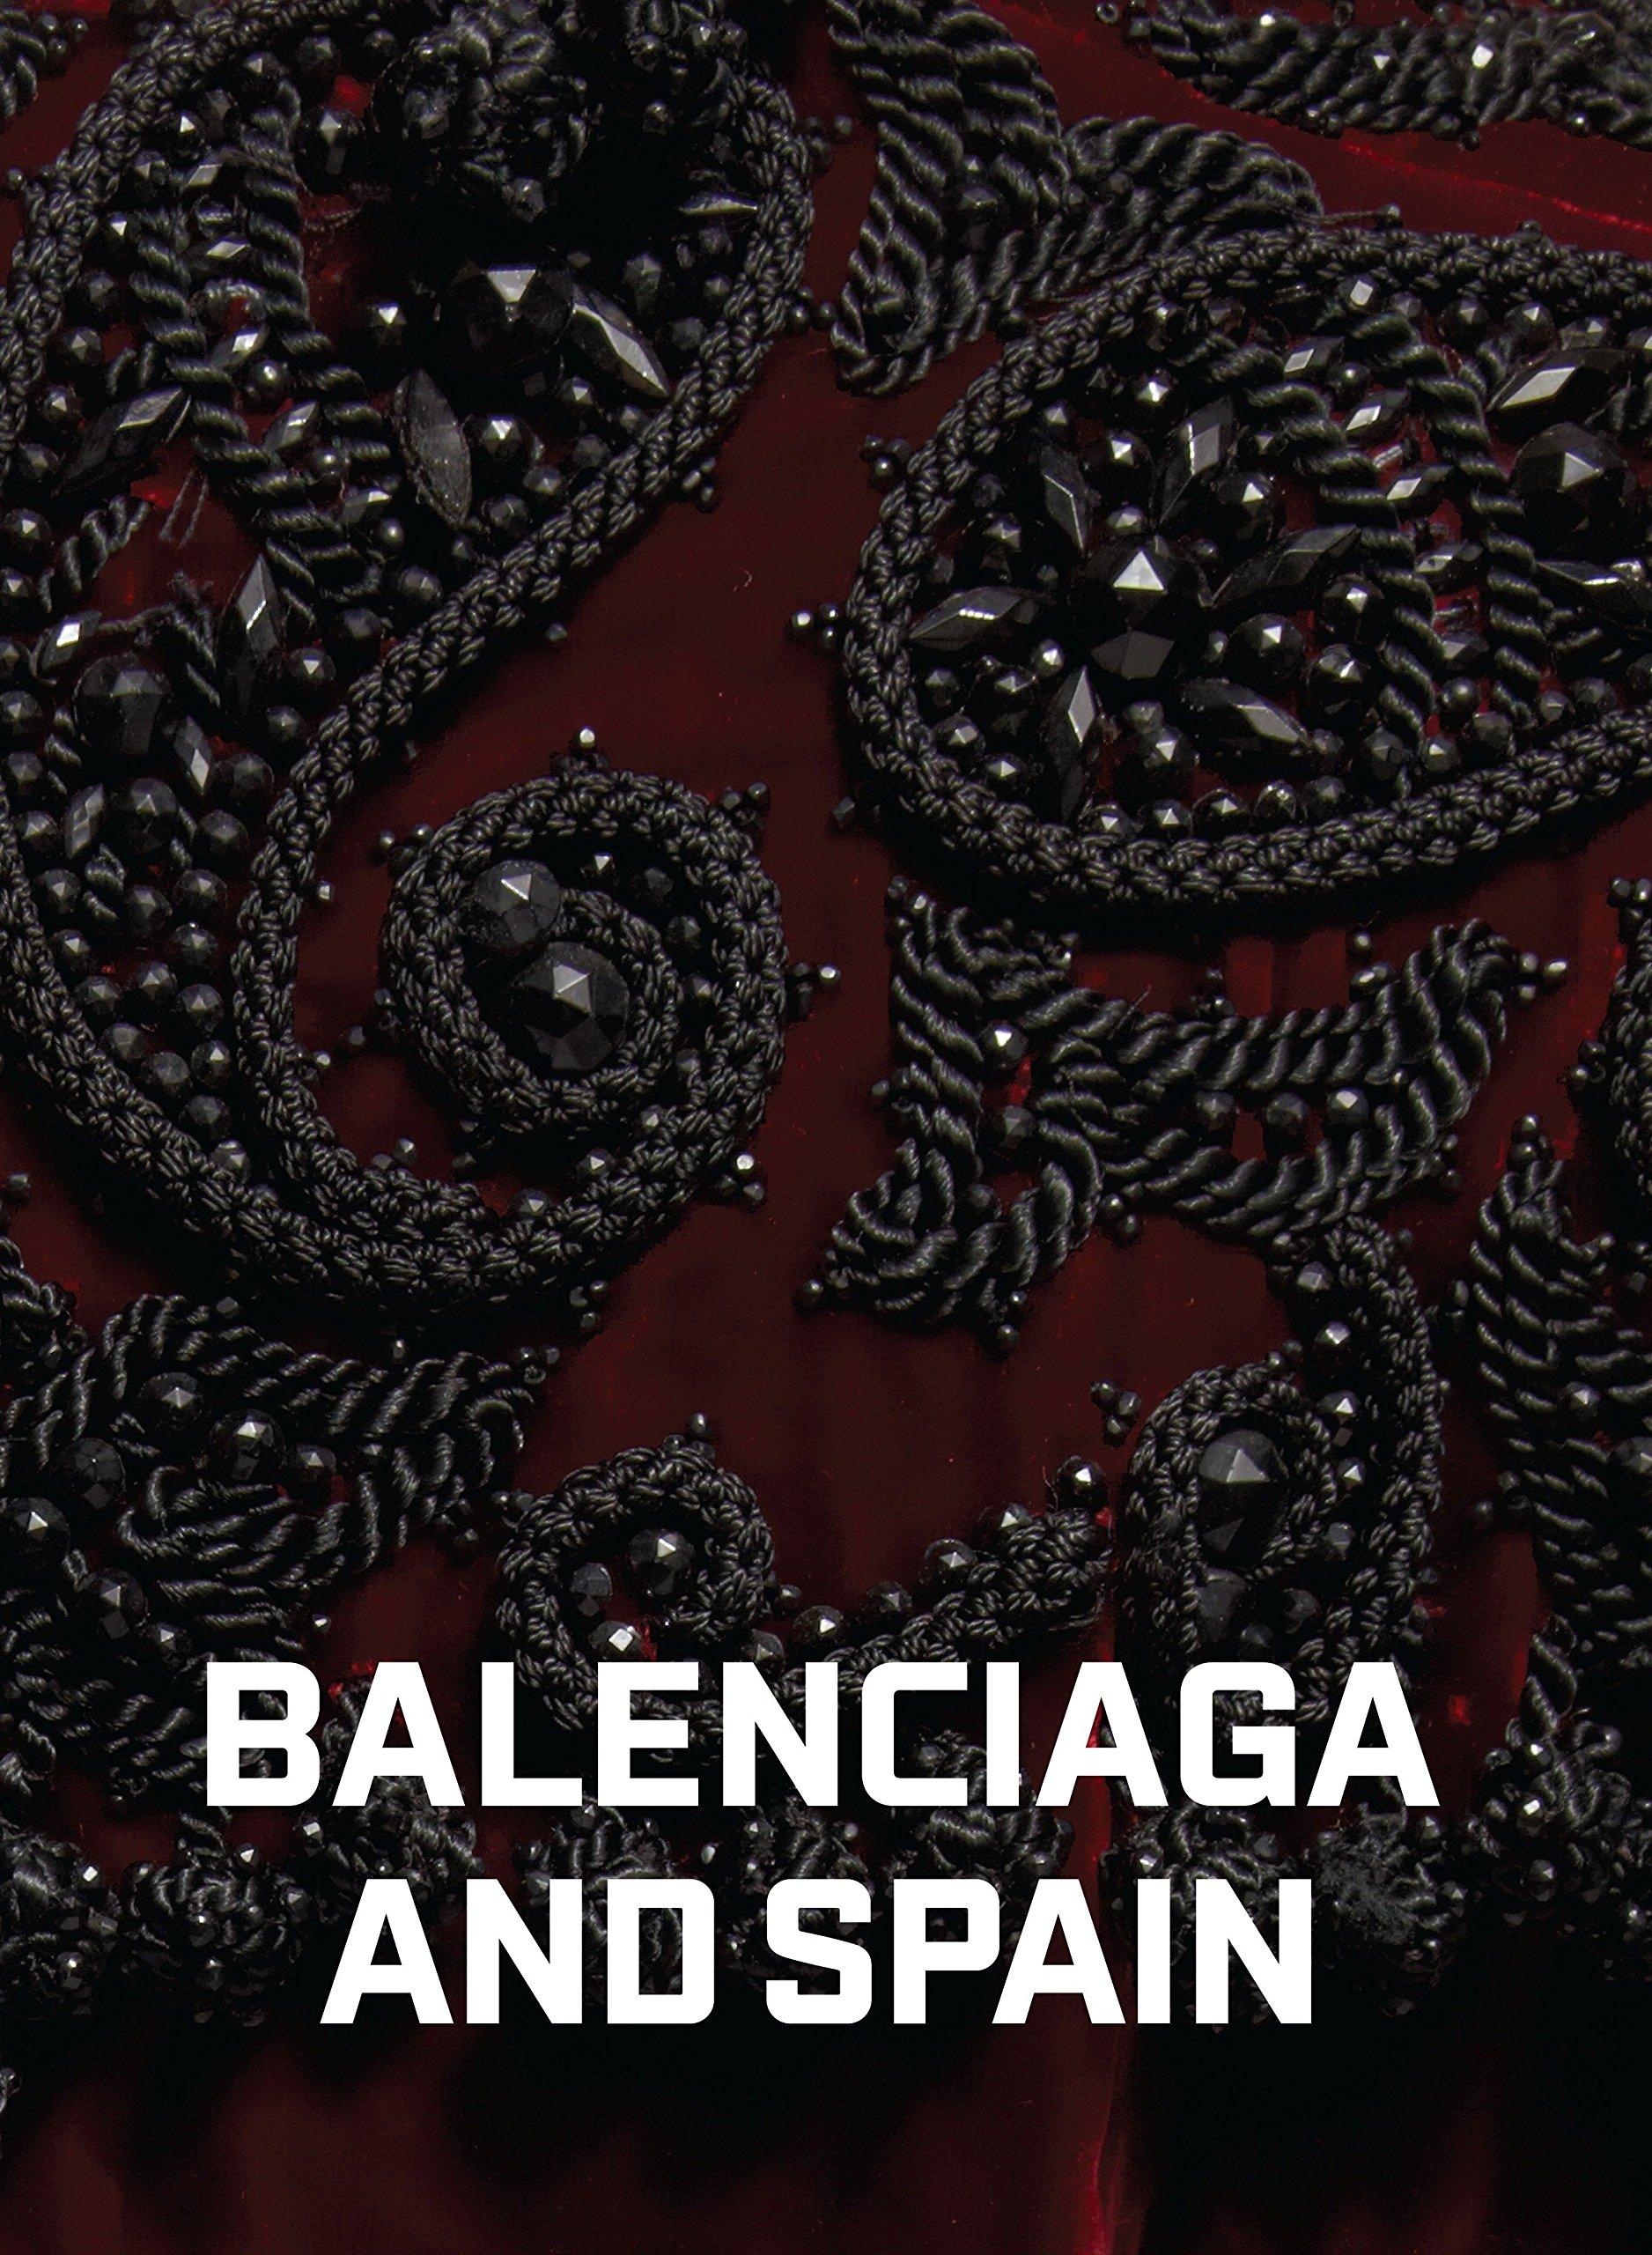 Noticias de última hora Murmullo Grabar  Balenciaga and Spain: Bowles, Hamish: 9780847836468: Amazon.com: Books